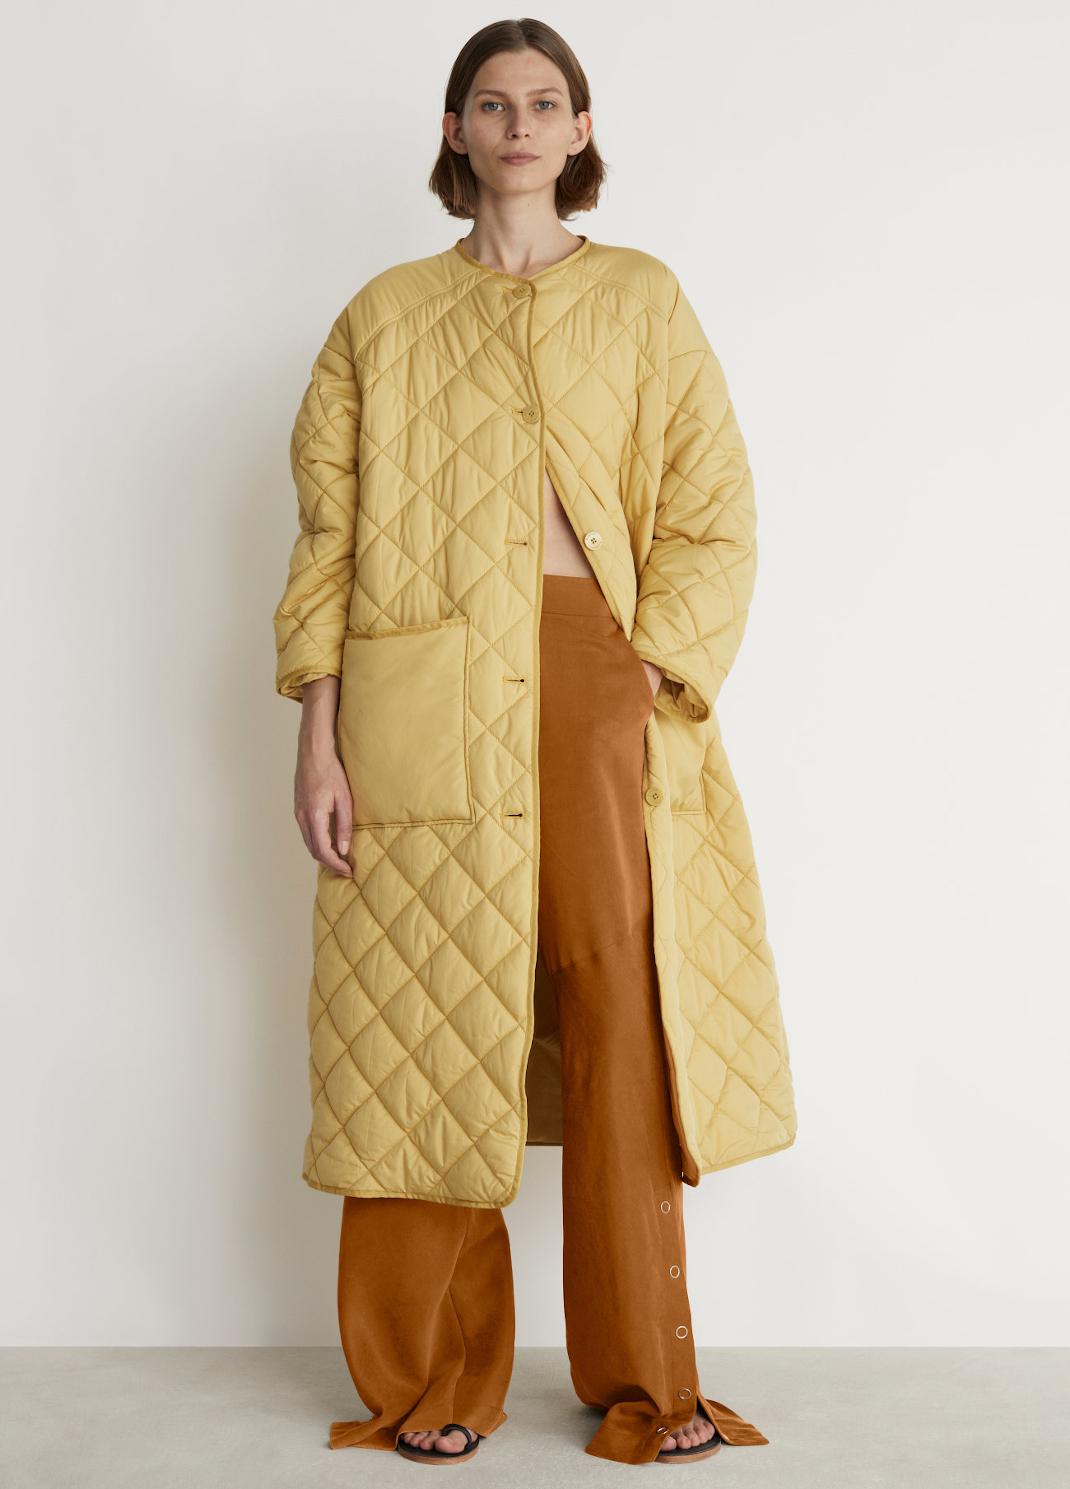 γυναίκα με κίτρινο παλτό Rodebjer